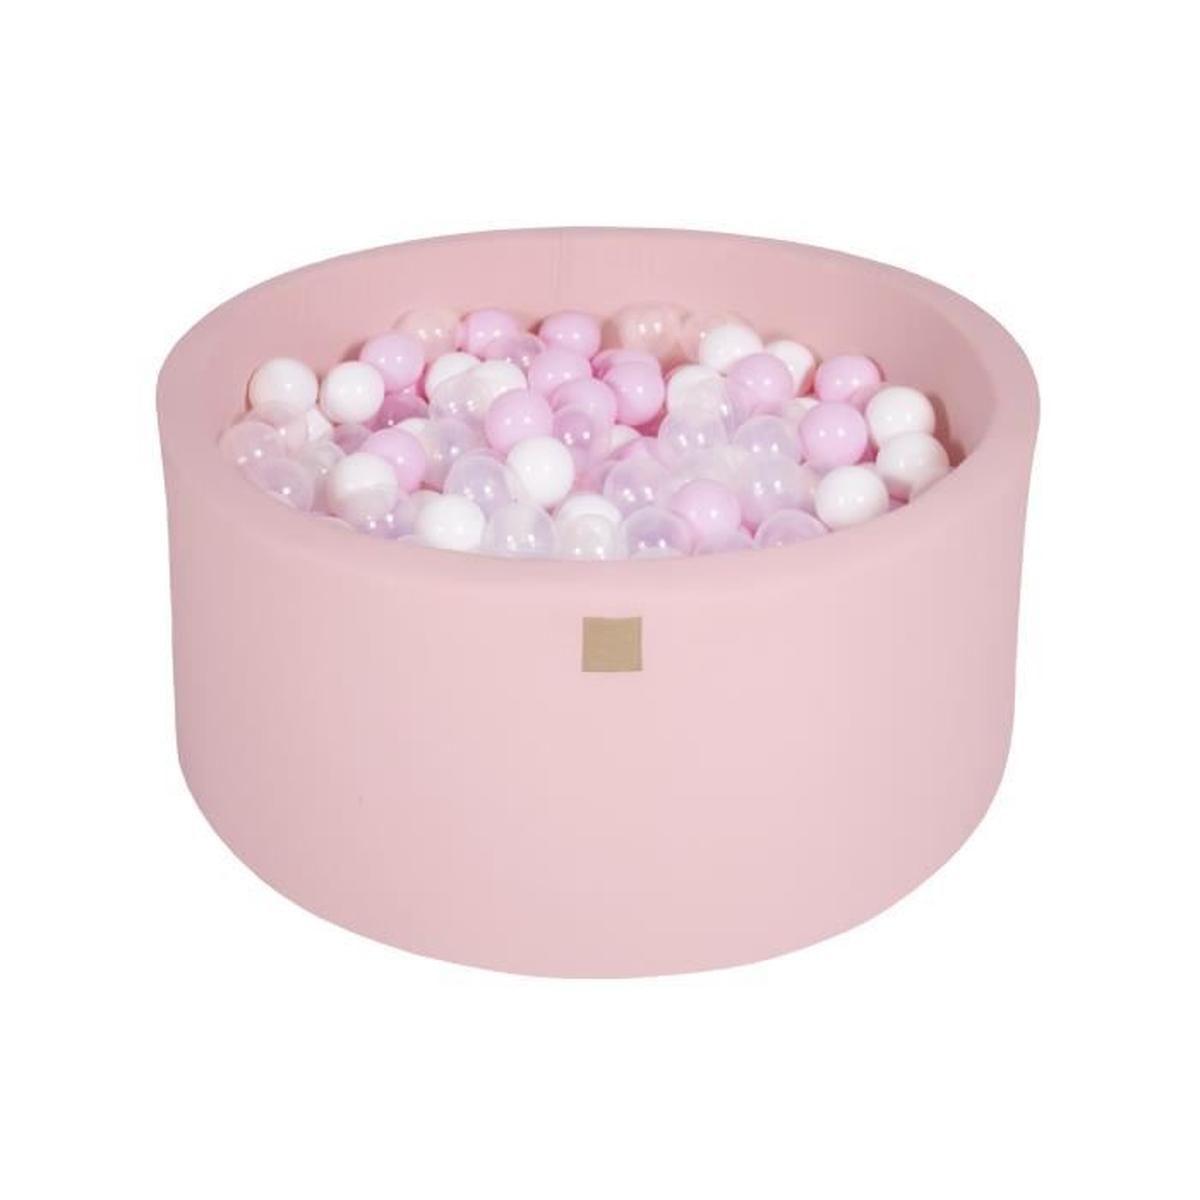 Meowbaby 90X40Cm/300 Balles ∅ 7Cm Piscine À Balles Pour ... tout Piscine A Balle En Mousse